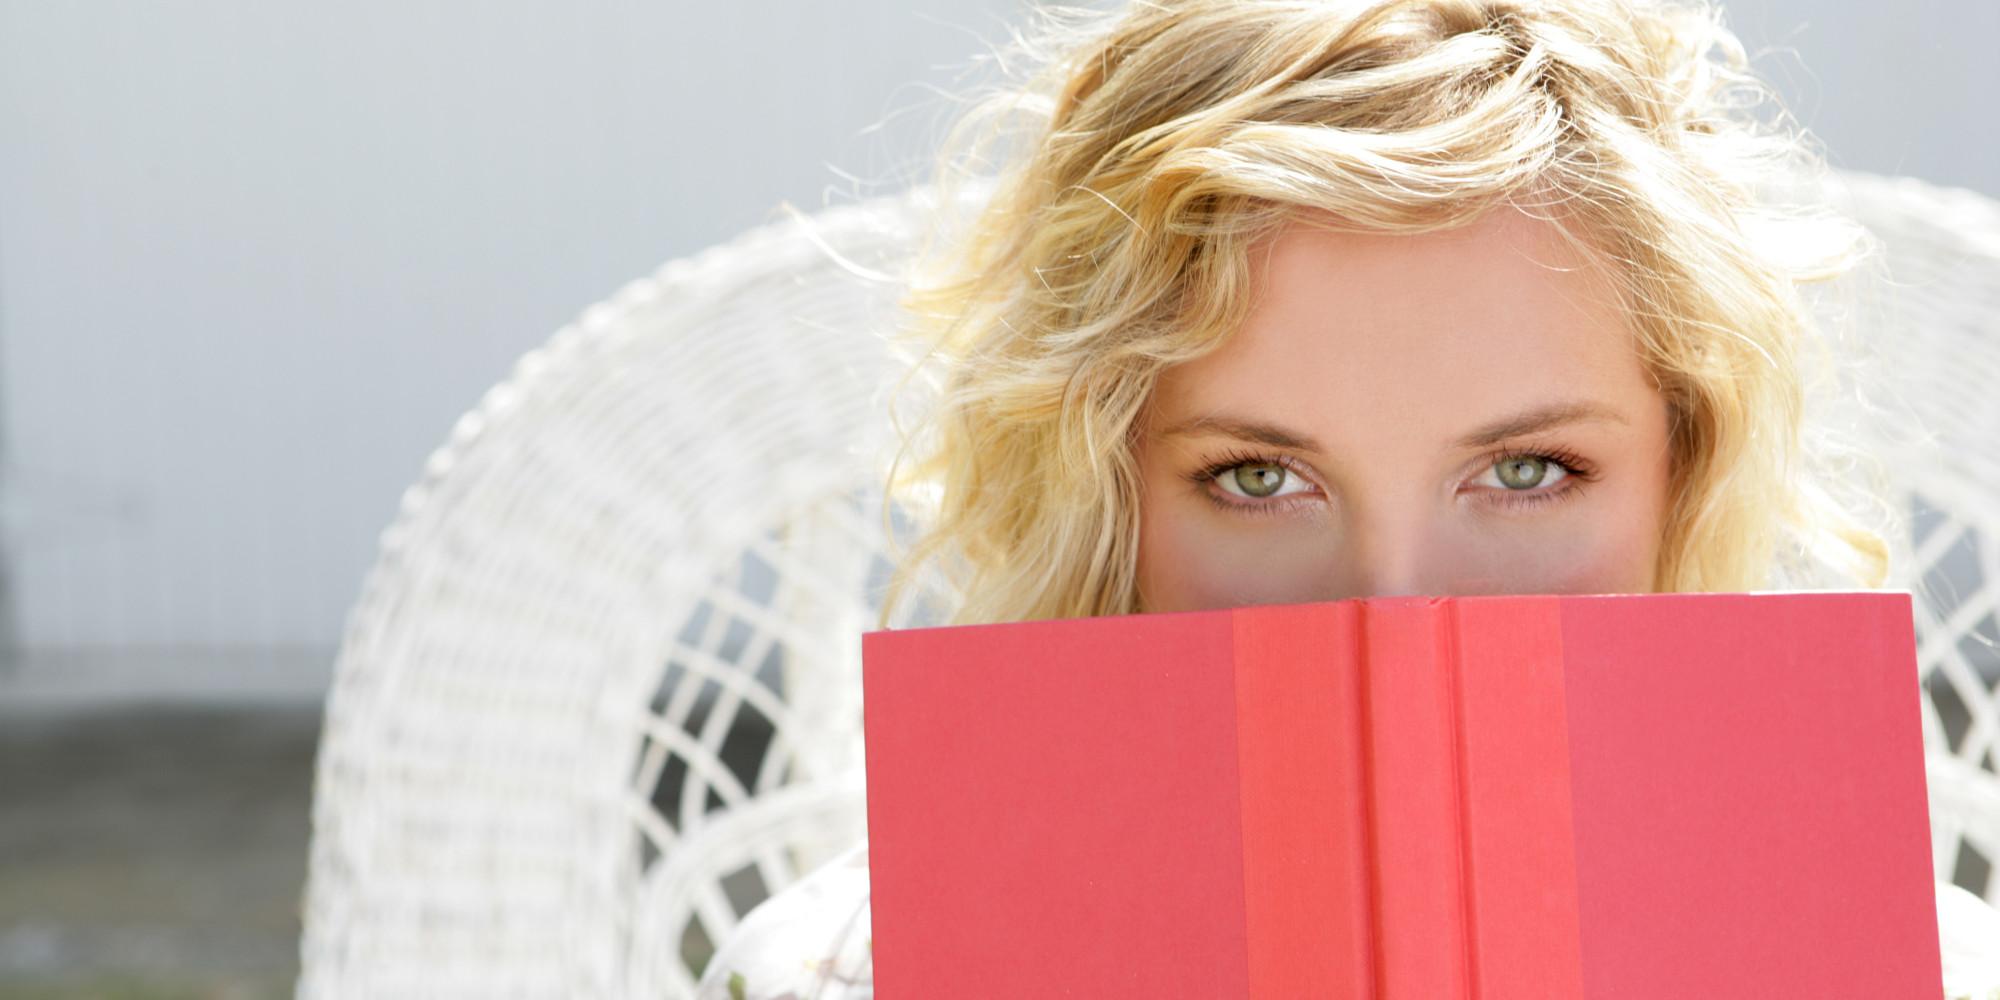 Чтение книг продлевает жизнь